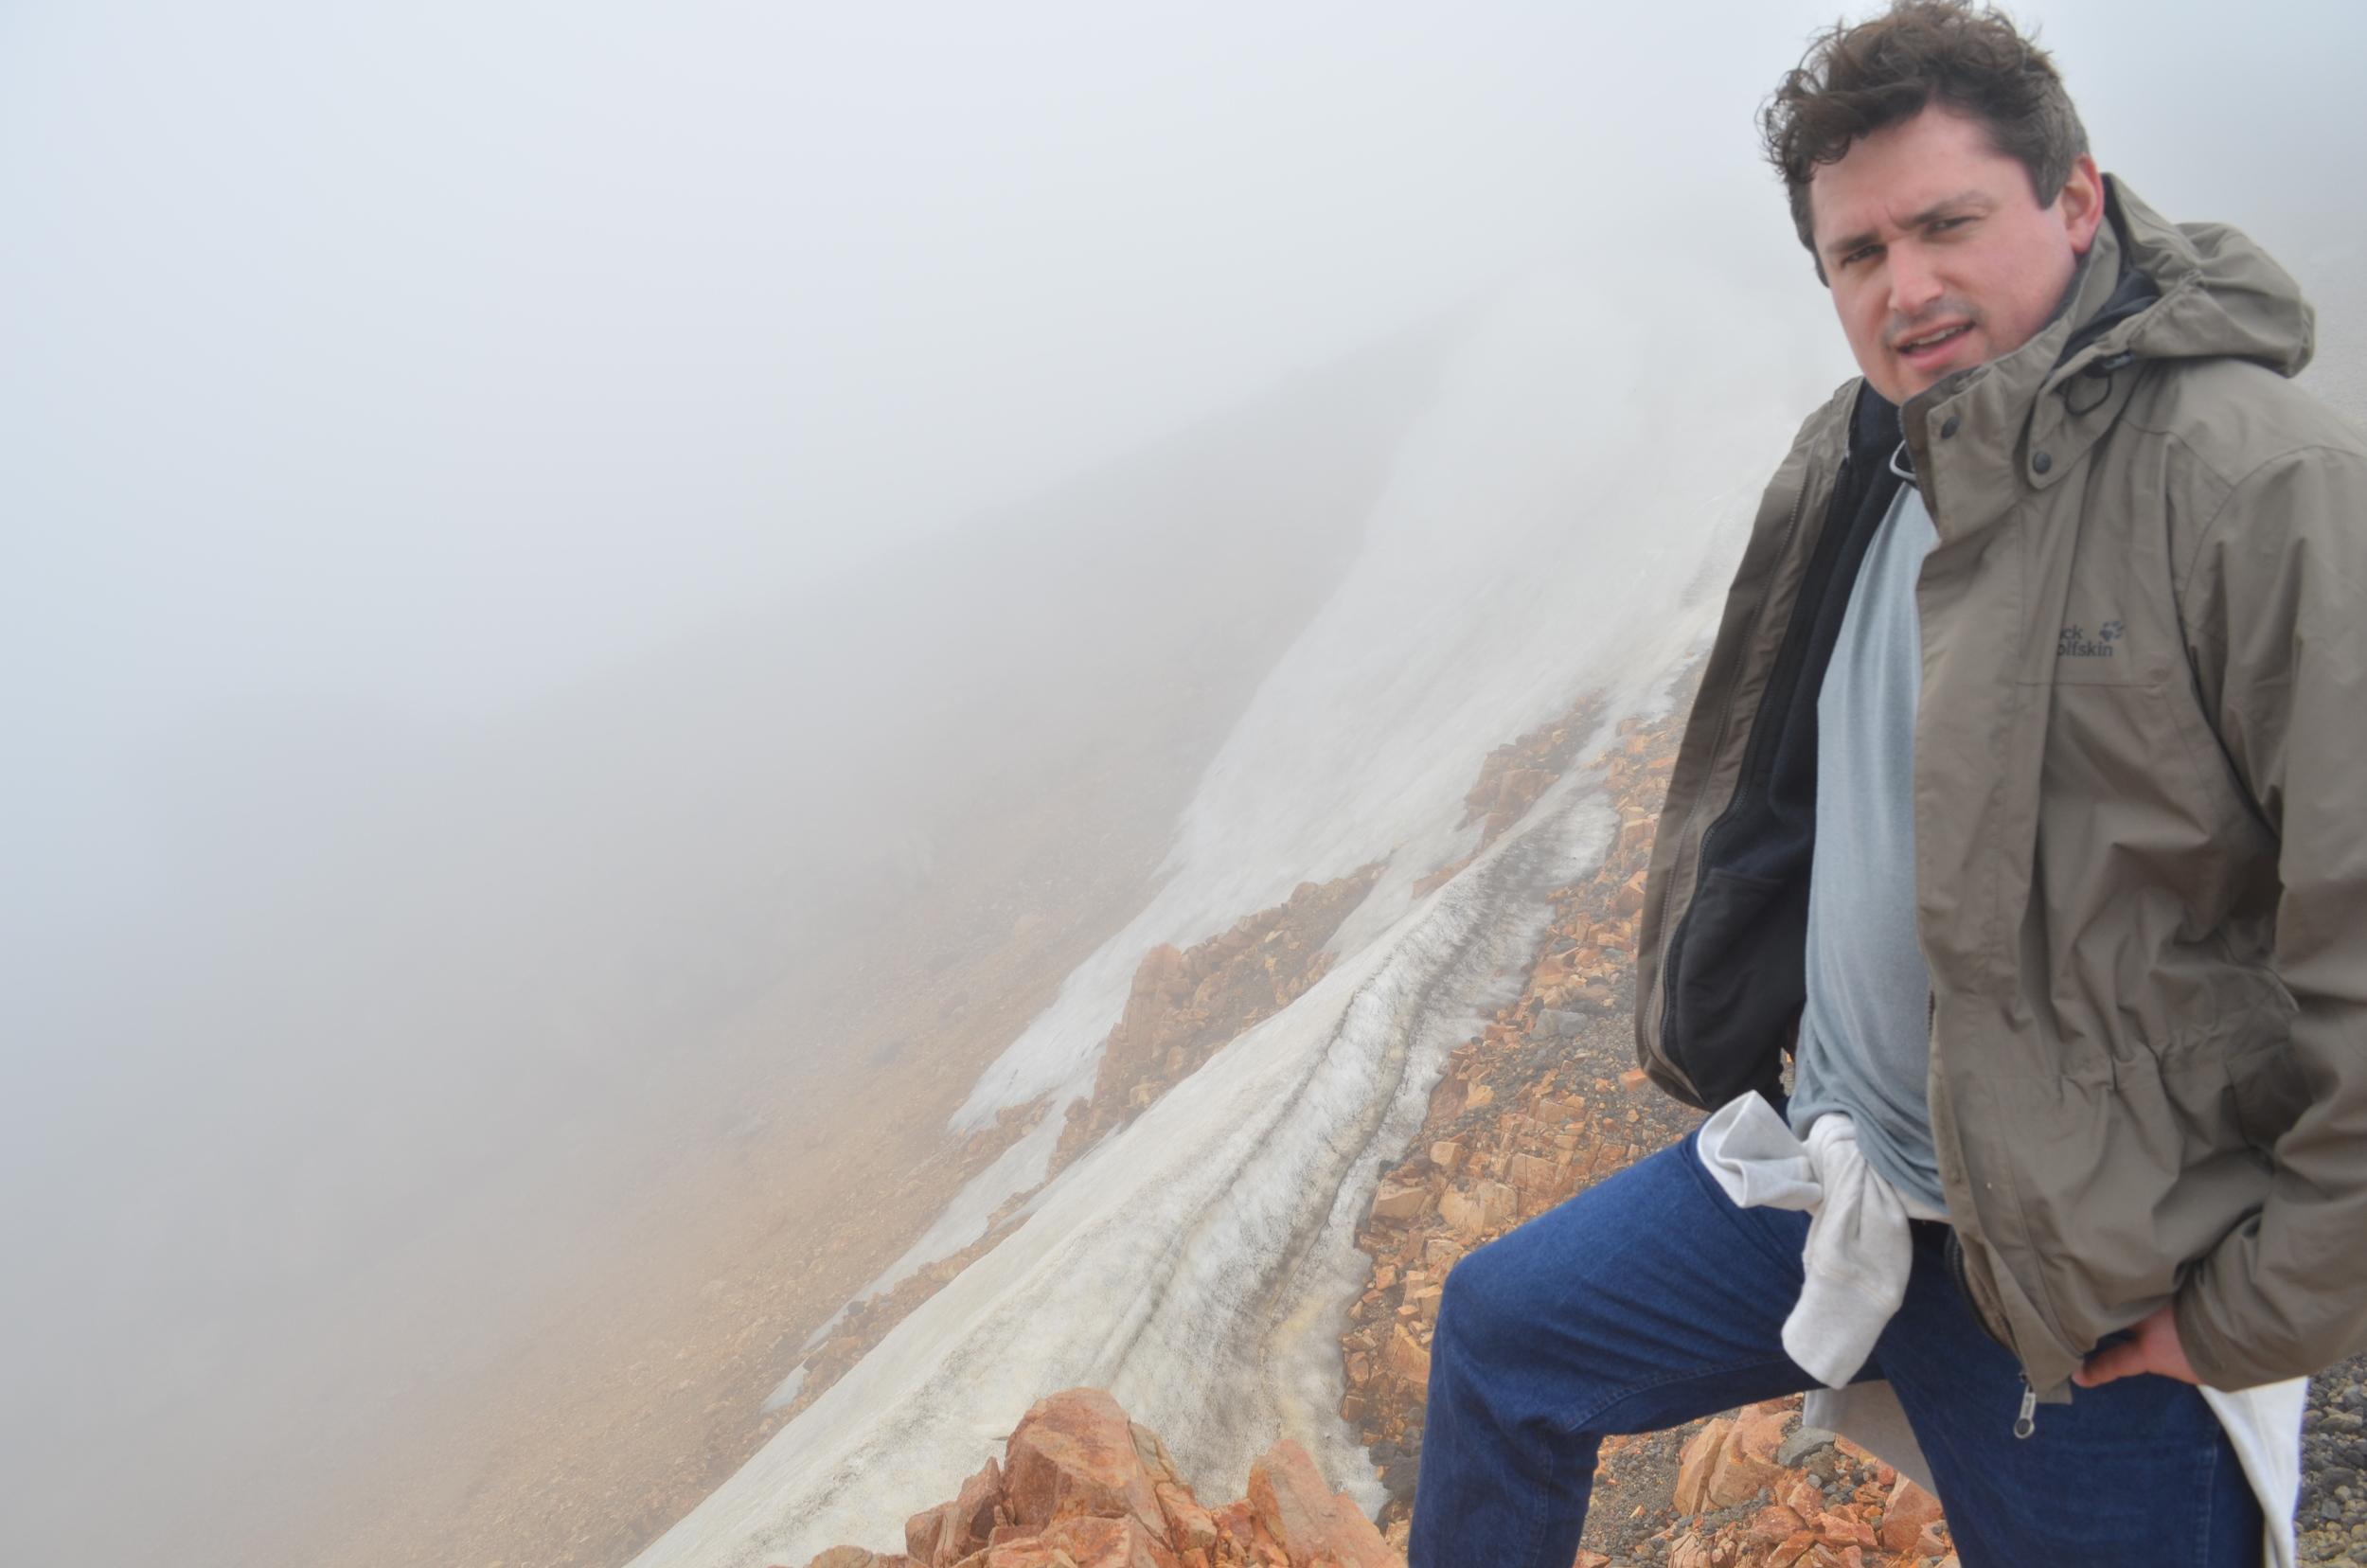 Frozen ice on the peak